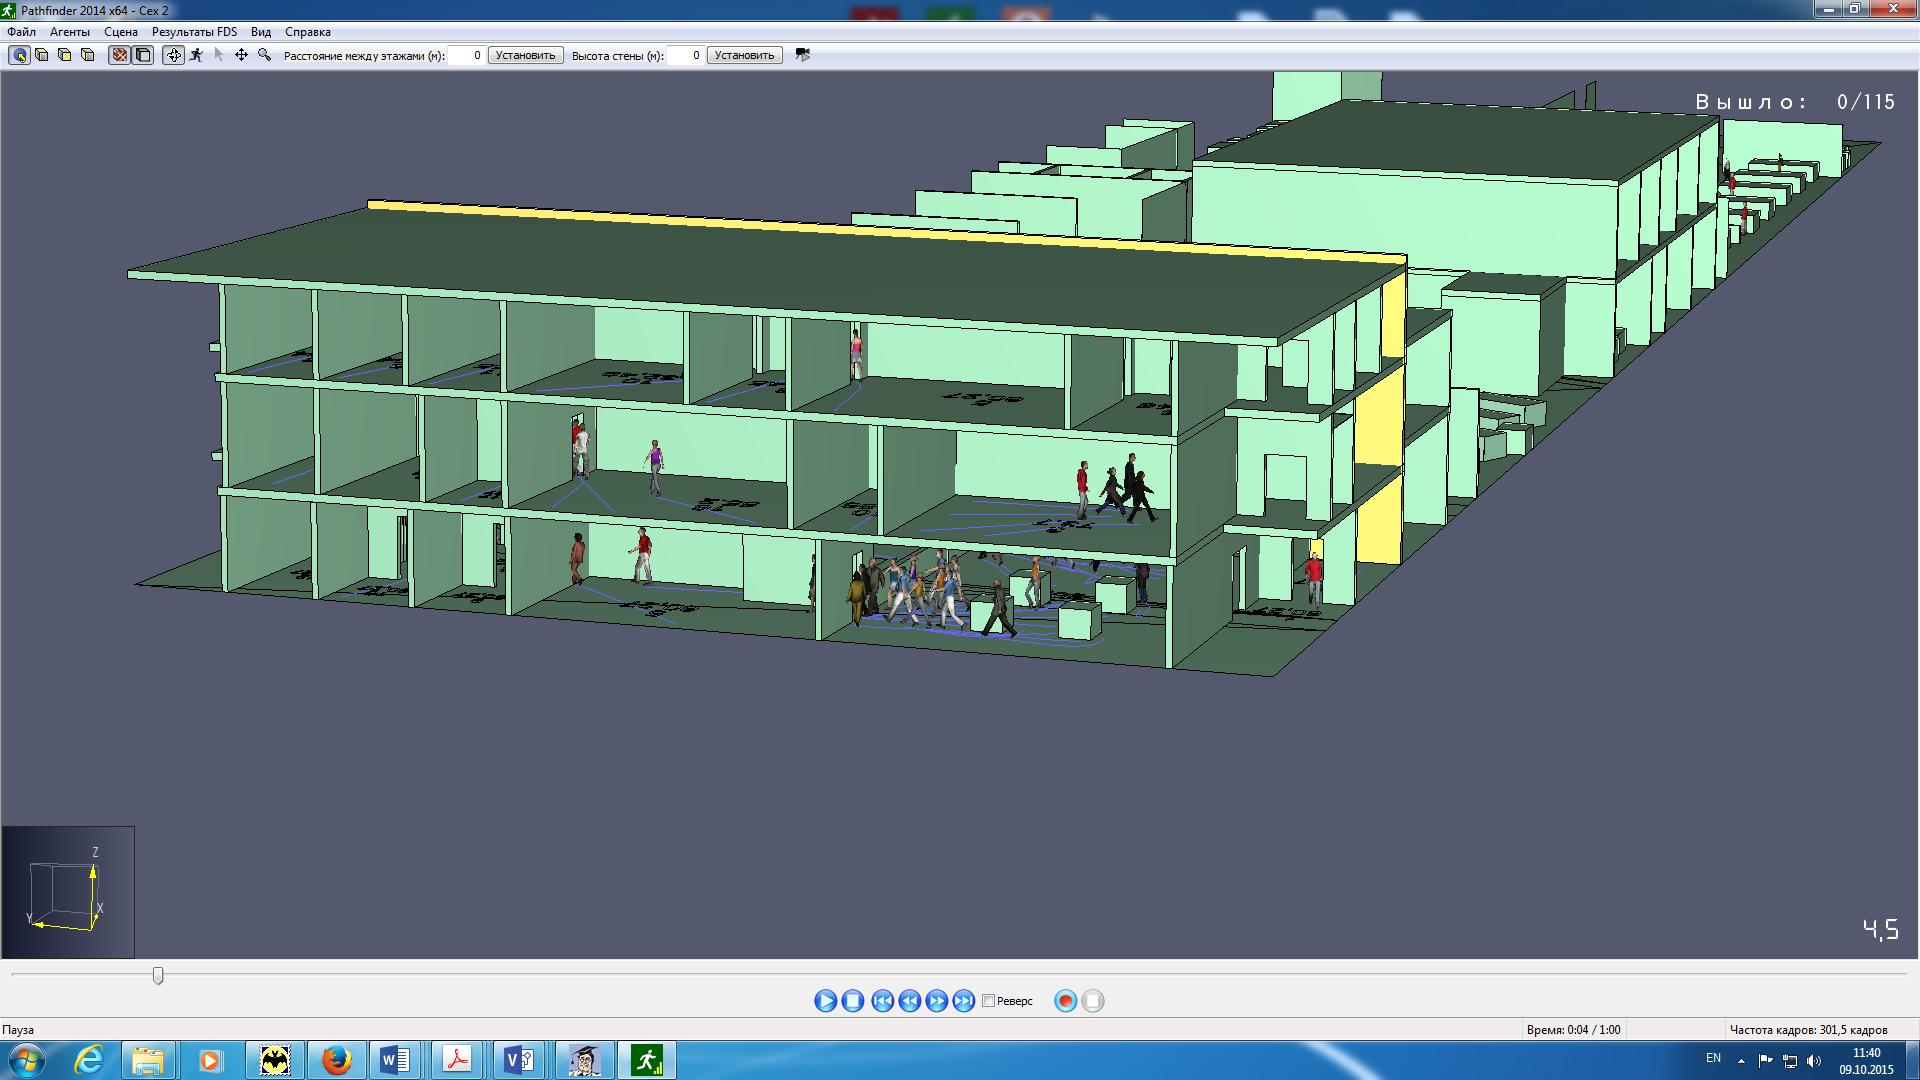 На графике представлена визуальная модель здания, по которой рассчитывается время эвакуации людей.